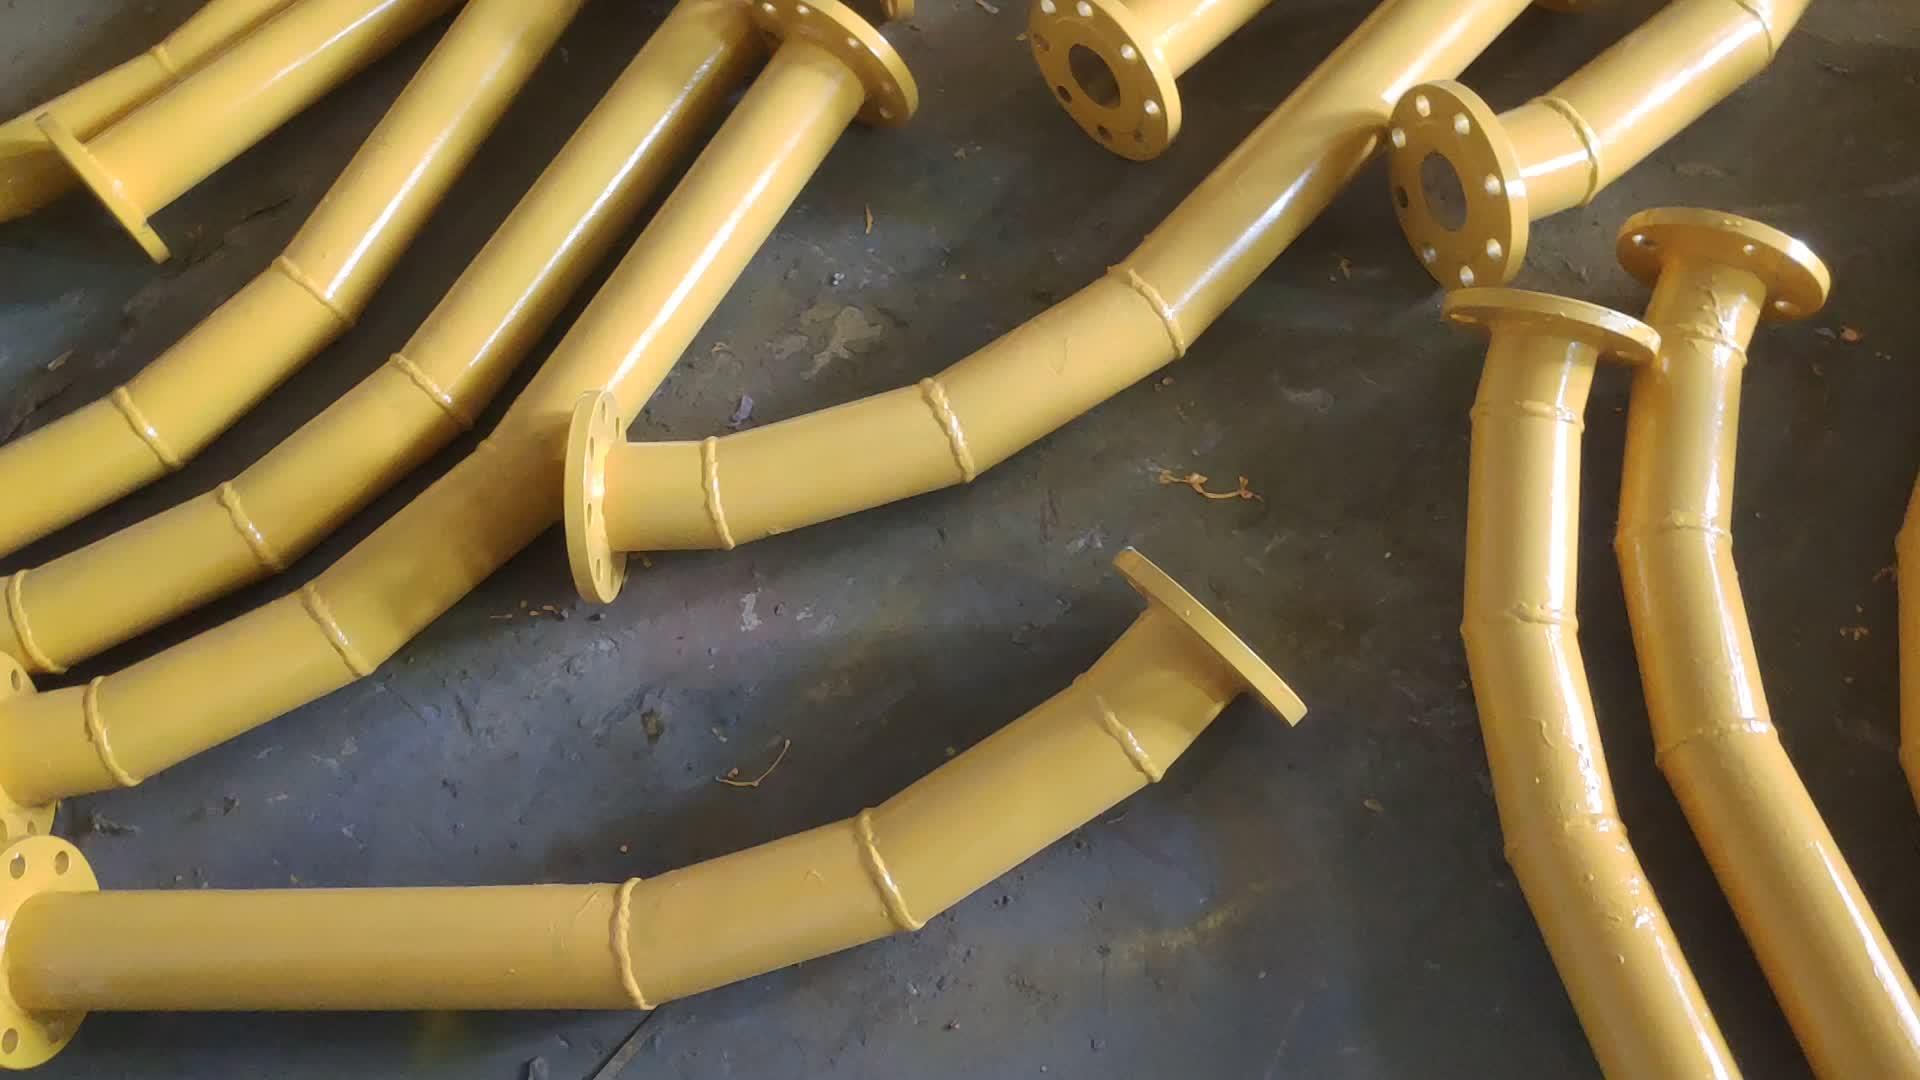 DN50 ไม่มีรอยต่อท่อเหล็กและ alumina เซรามิคซับหลอดคอมโพสิตสวมใส่ท่อ